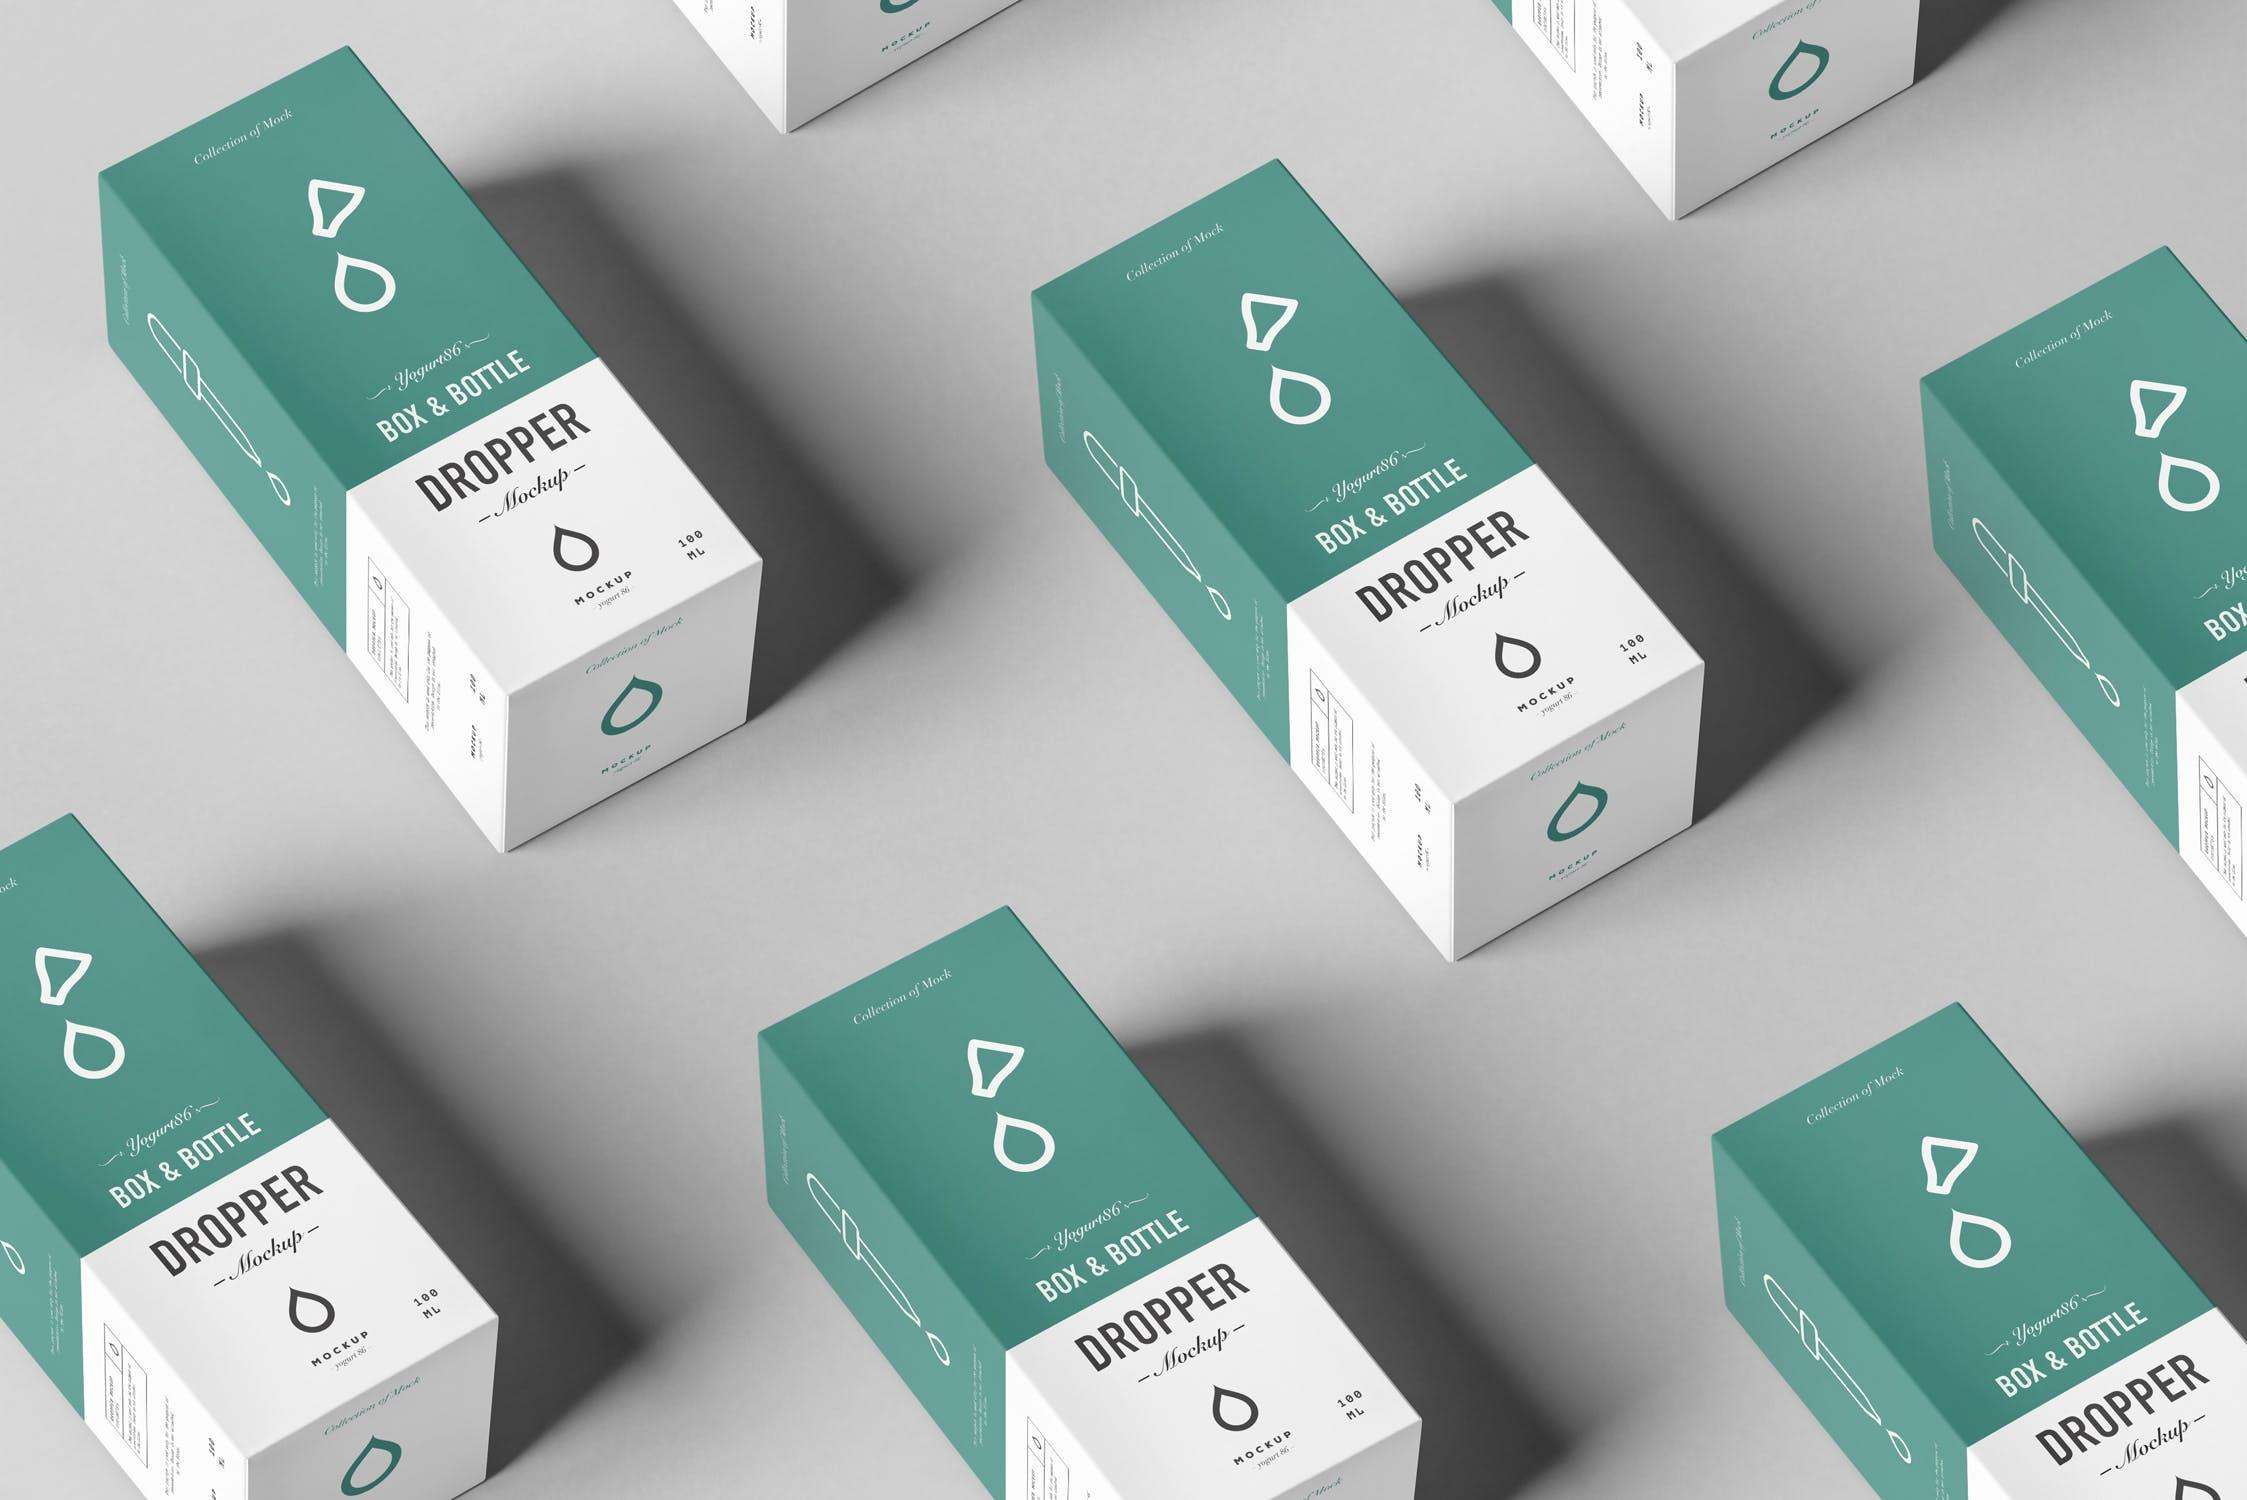 滴管瓶洗化用品  药品包装盒样机模板展示素材3Dropper Bottle Mock-up 3